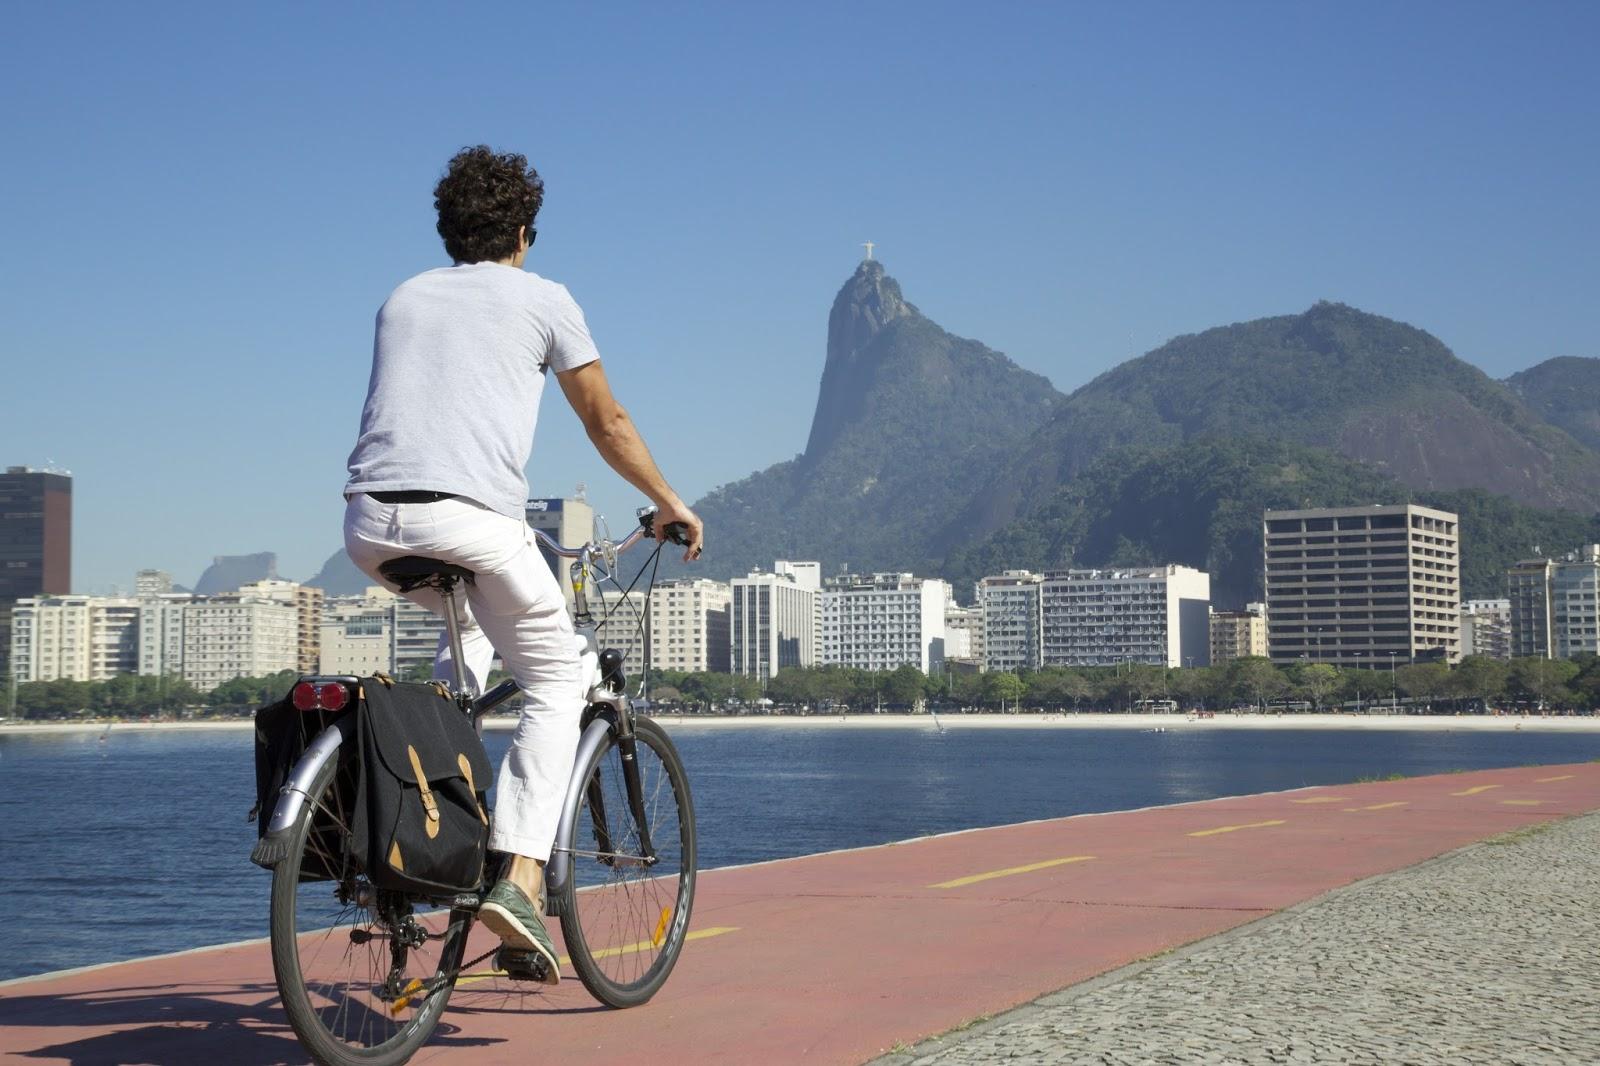 Aterro do Flamengo, o melhor itinerário para ir correndo ou de bike